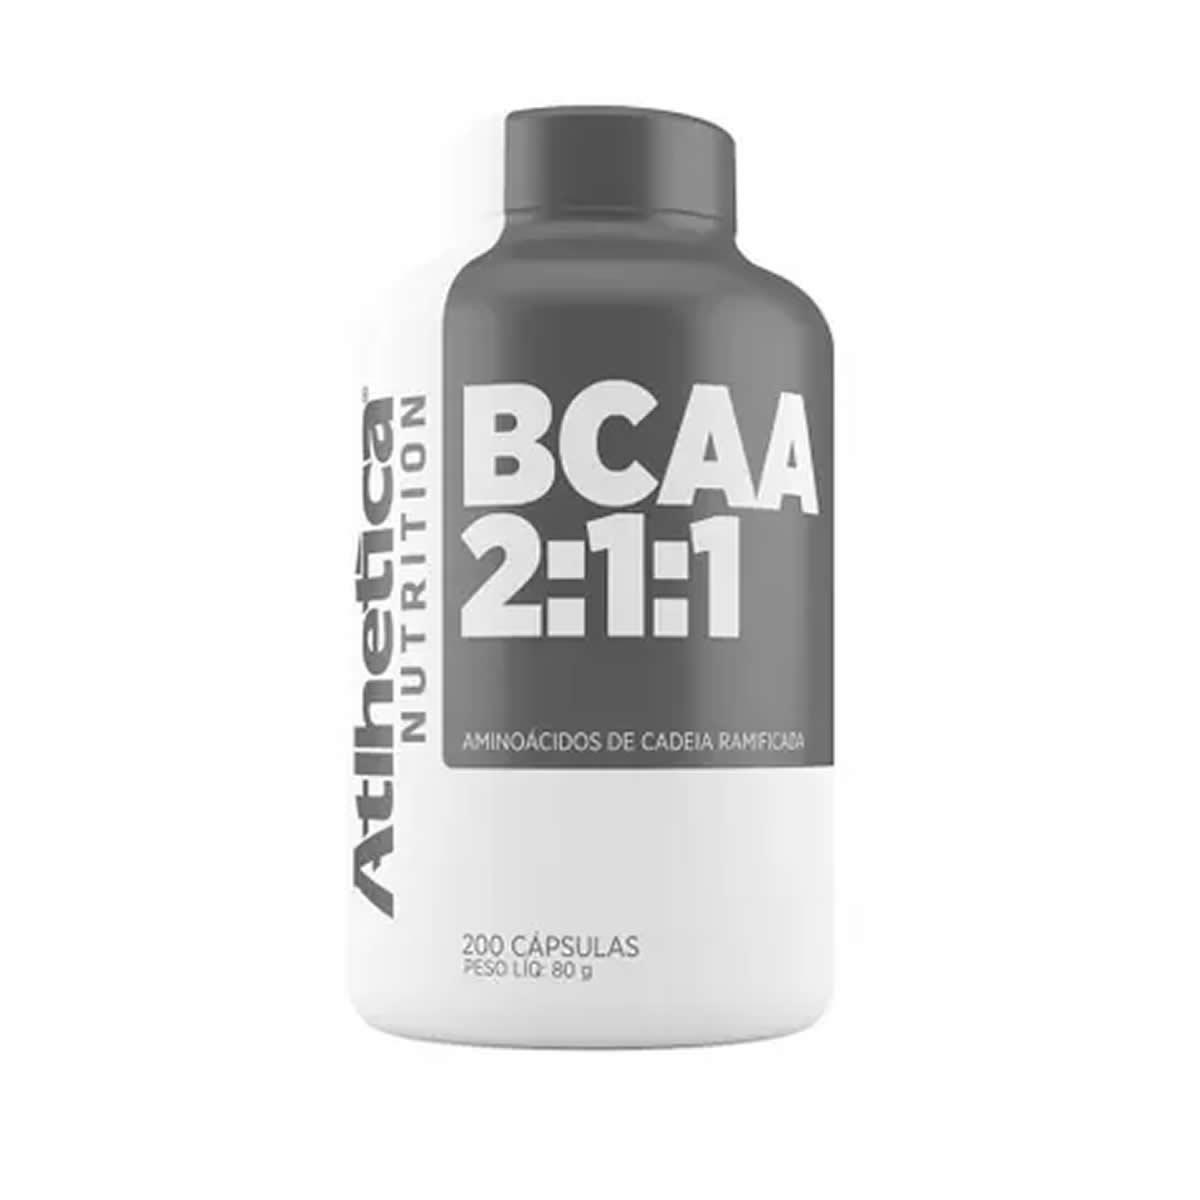 BCAA 2:1:1 Pro Series 200 Cápsulas - Atlhetica Nutrition